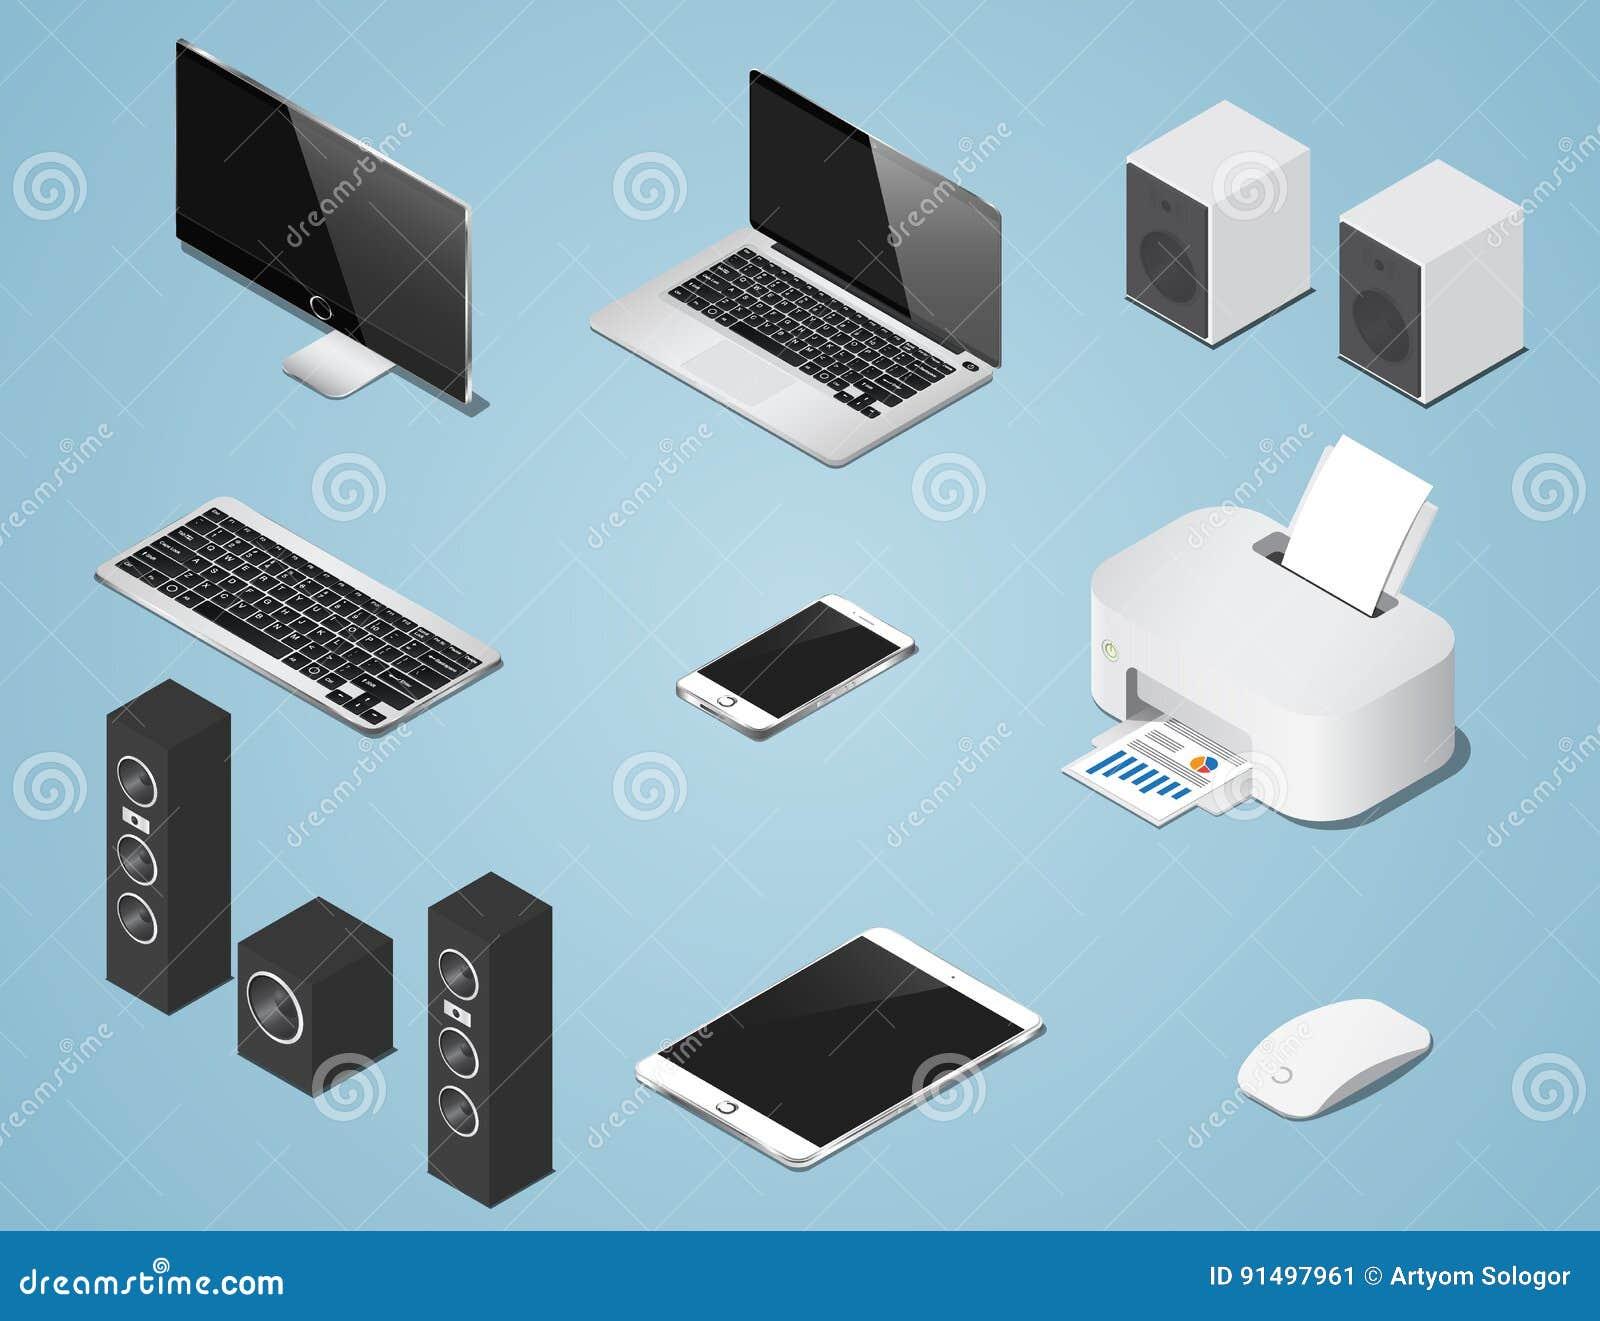 Isometrische digitale voorwerpen geplaatst illustratie Inzameling van computers en levering